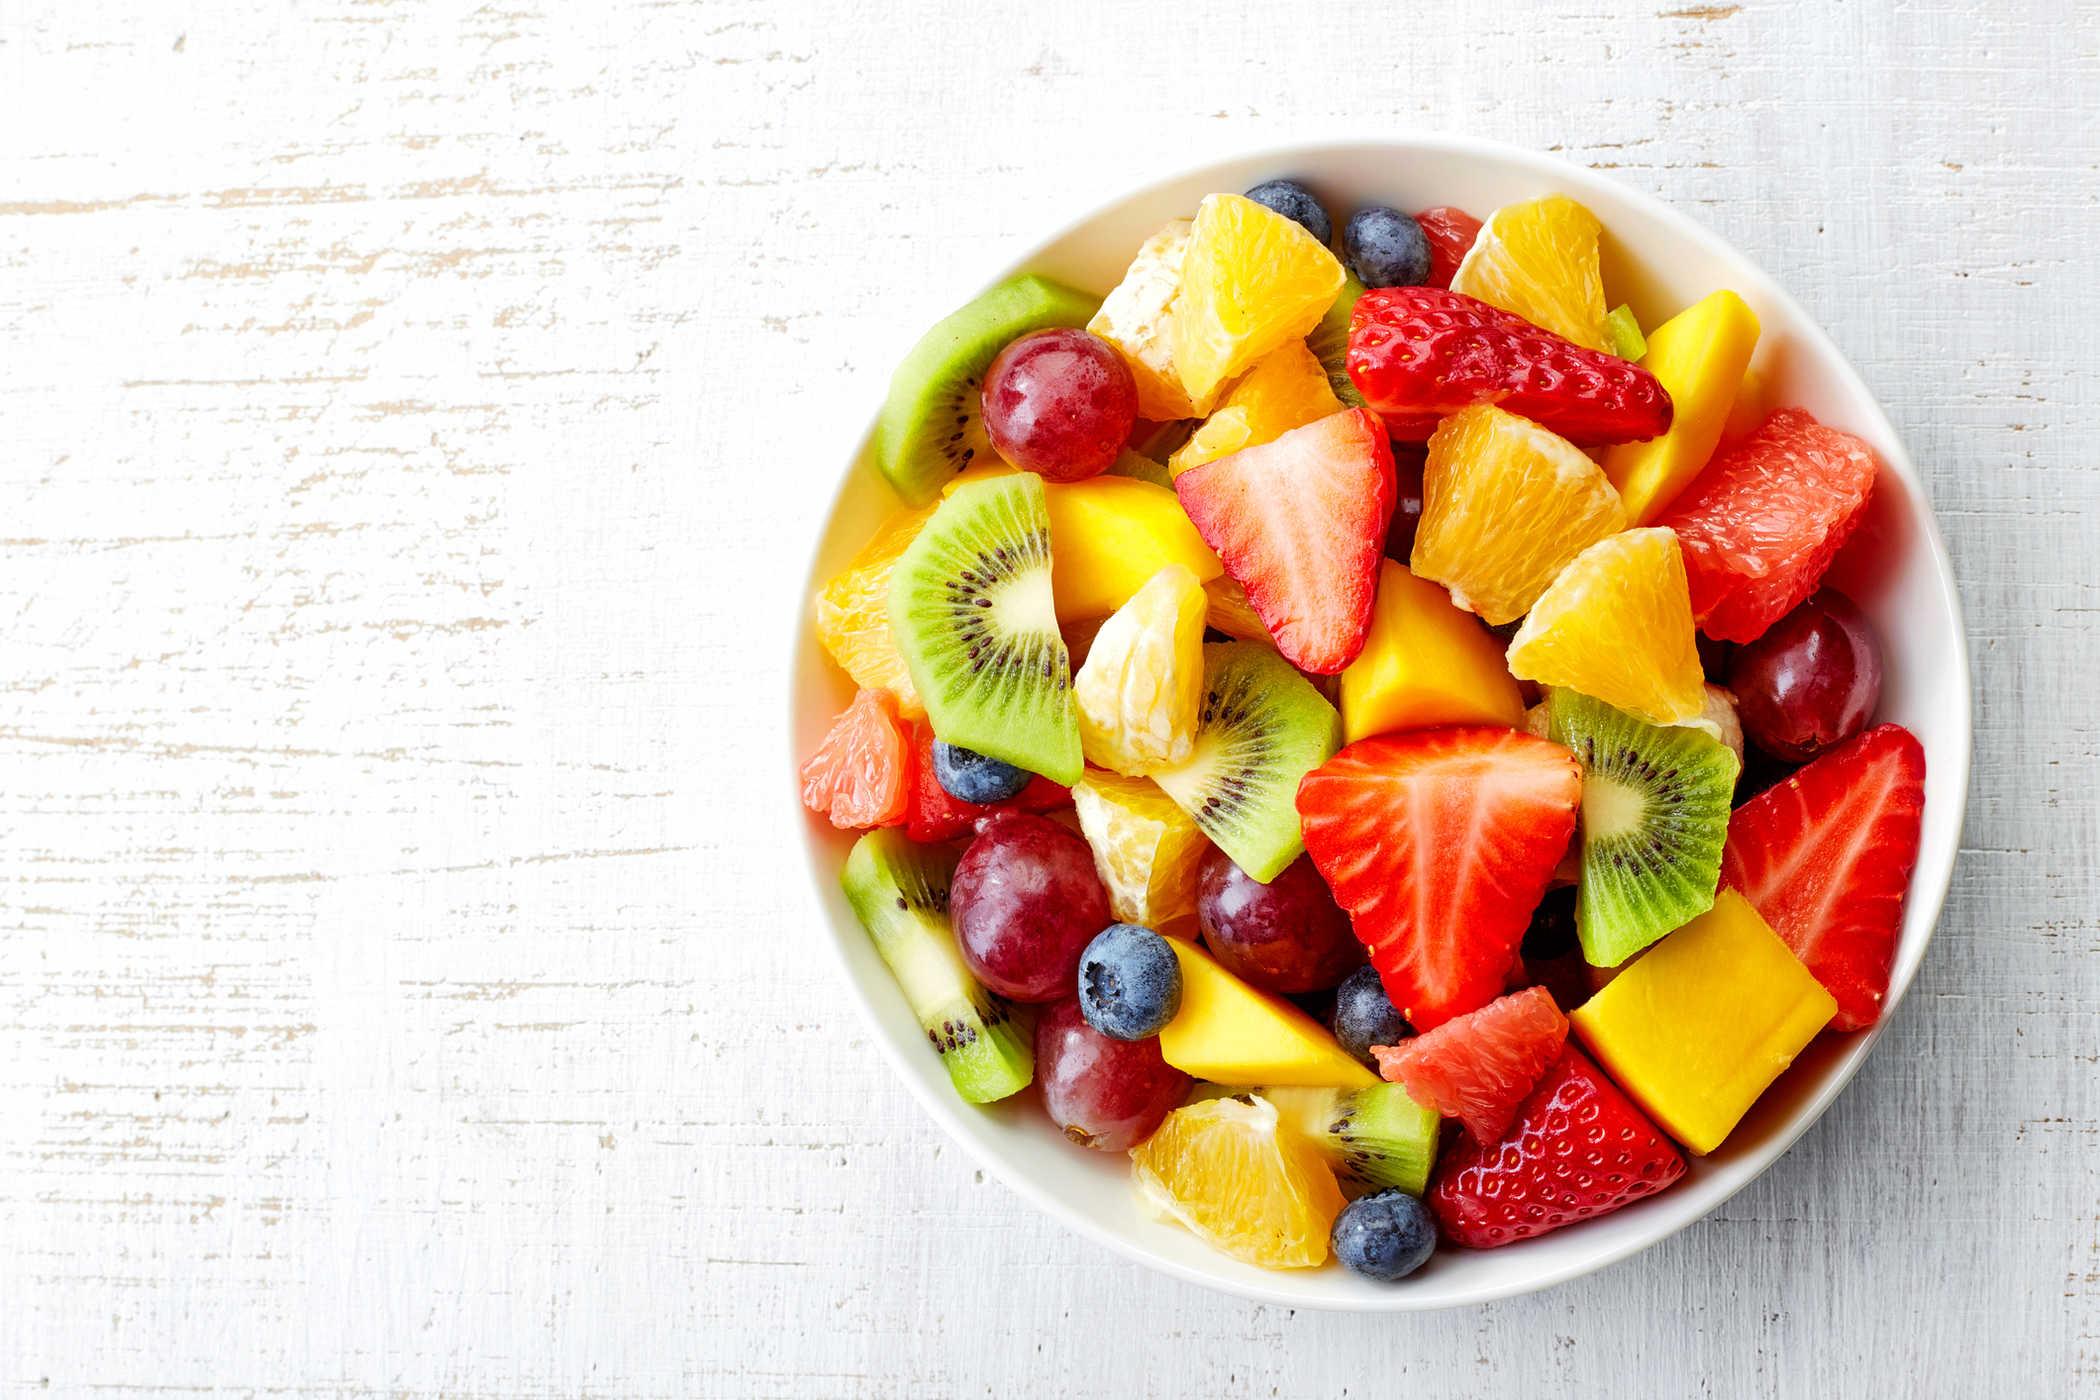 Вживання свіжих фруктів для зниження ризику діабету